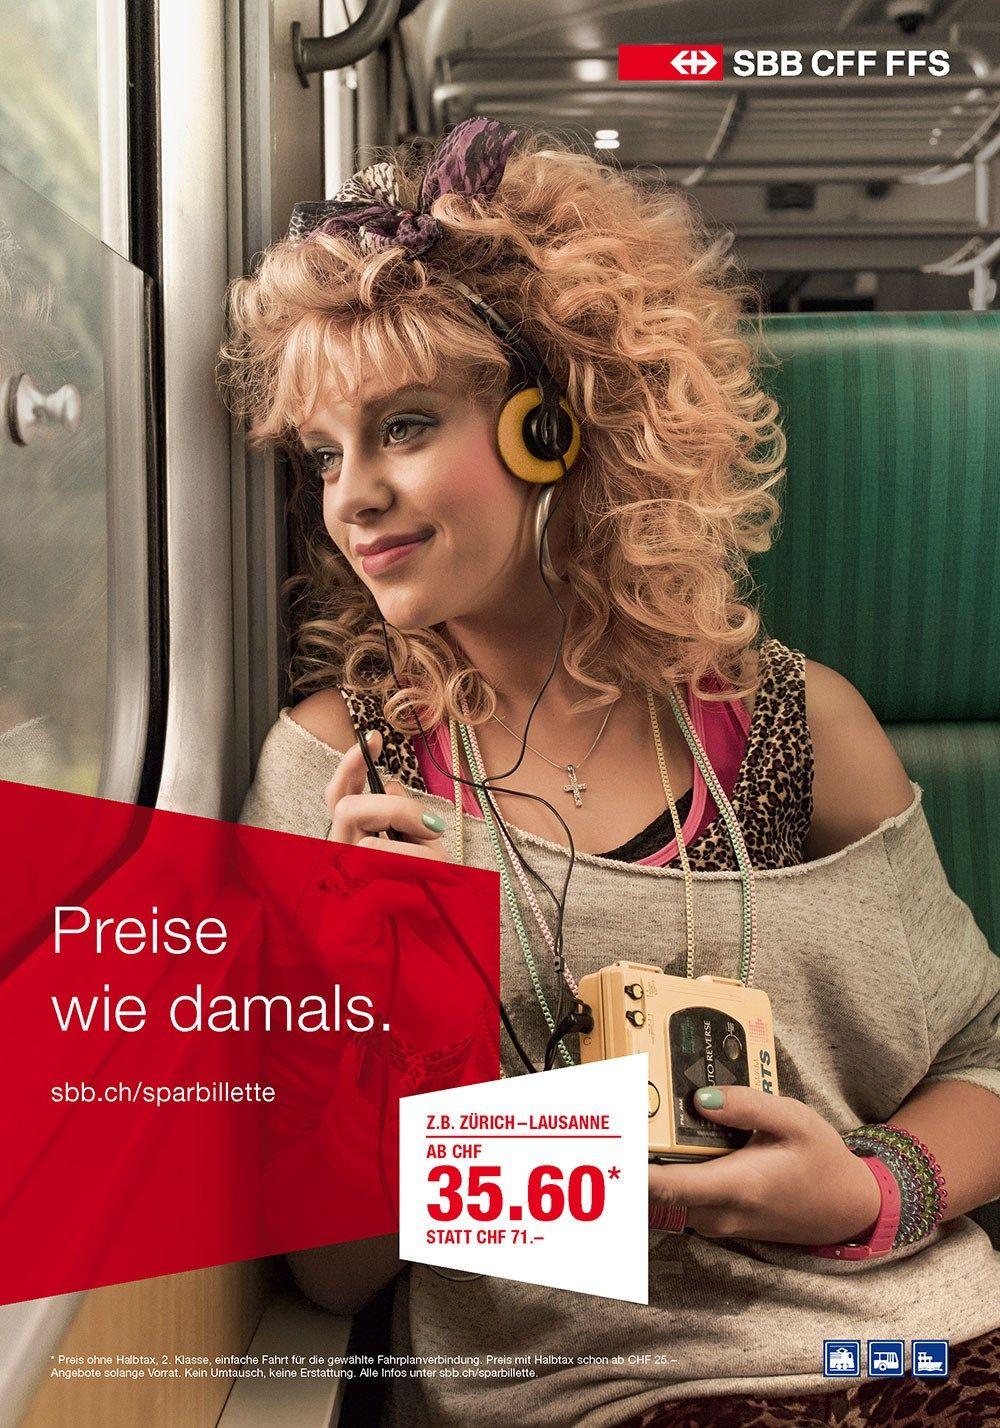 Aus der «Sparbillette»-Kampagne für die SBB. Infos: http://www.maxomedia.ch/projekte/sbb-preiskampagne/